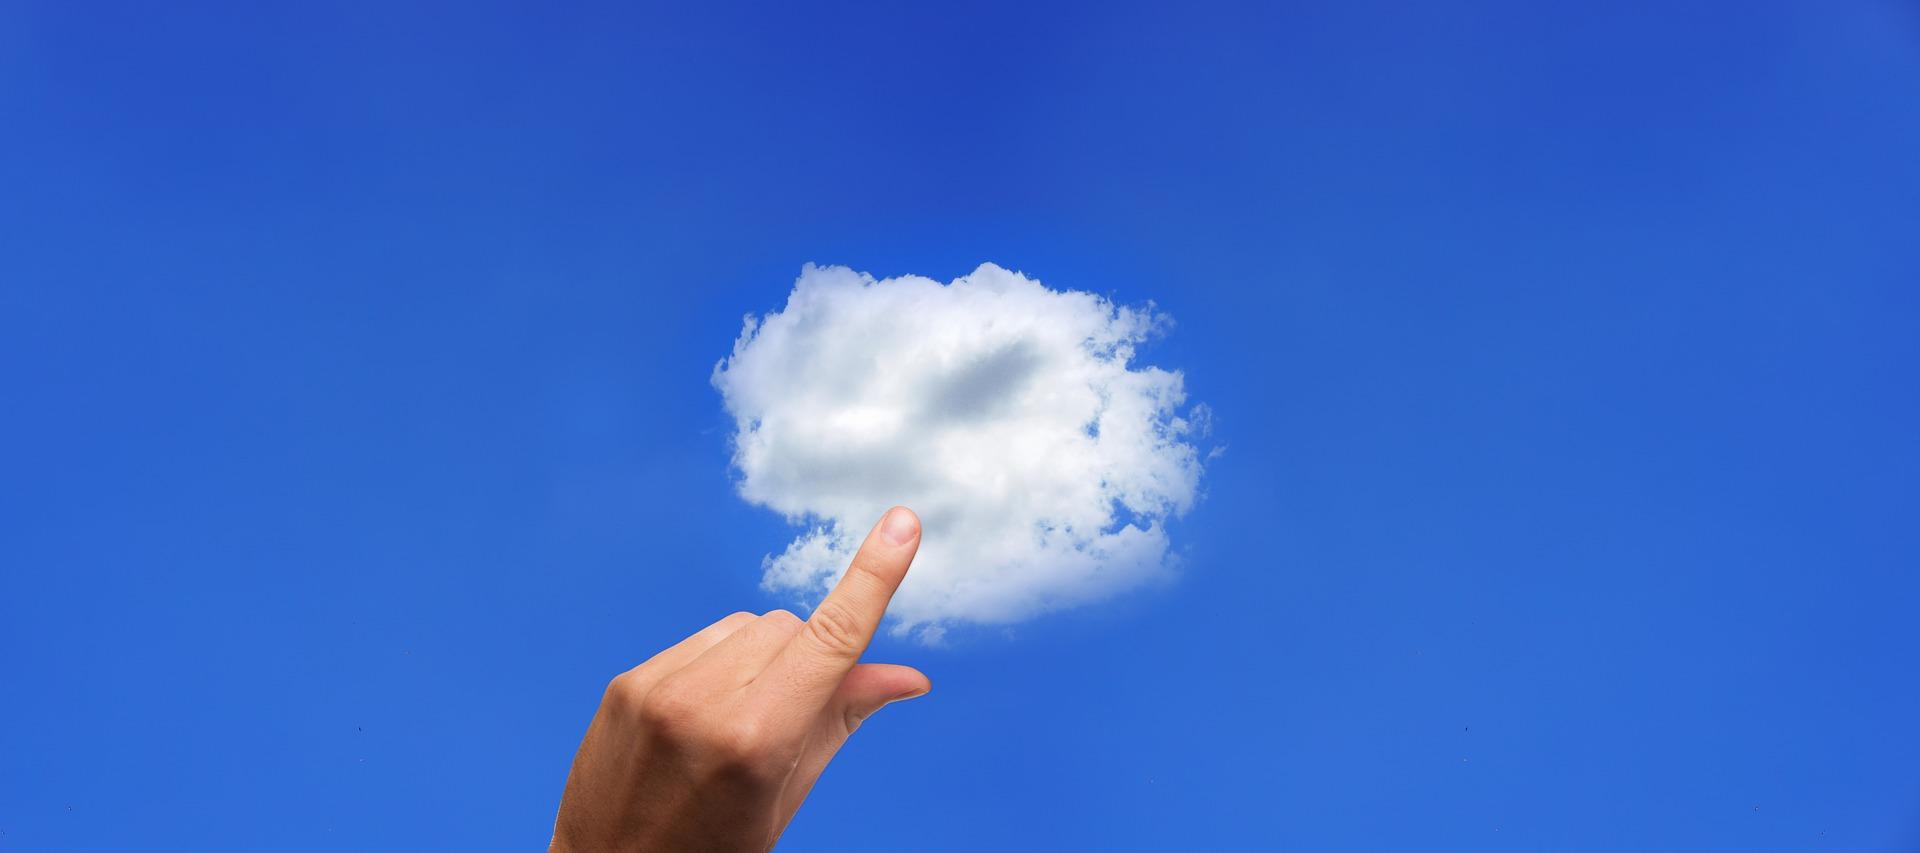 Meine Artikel sind in der mySQL-Datenbank gespeichert und wie funktioniert das?